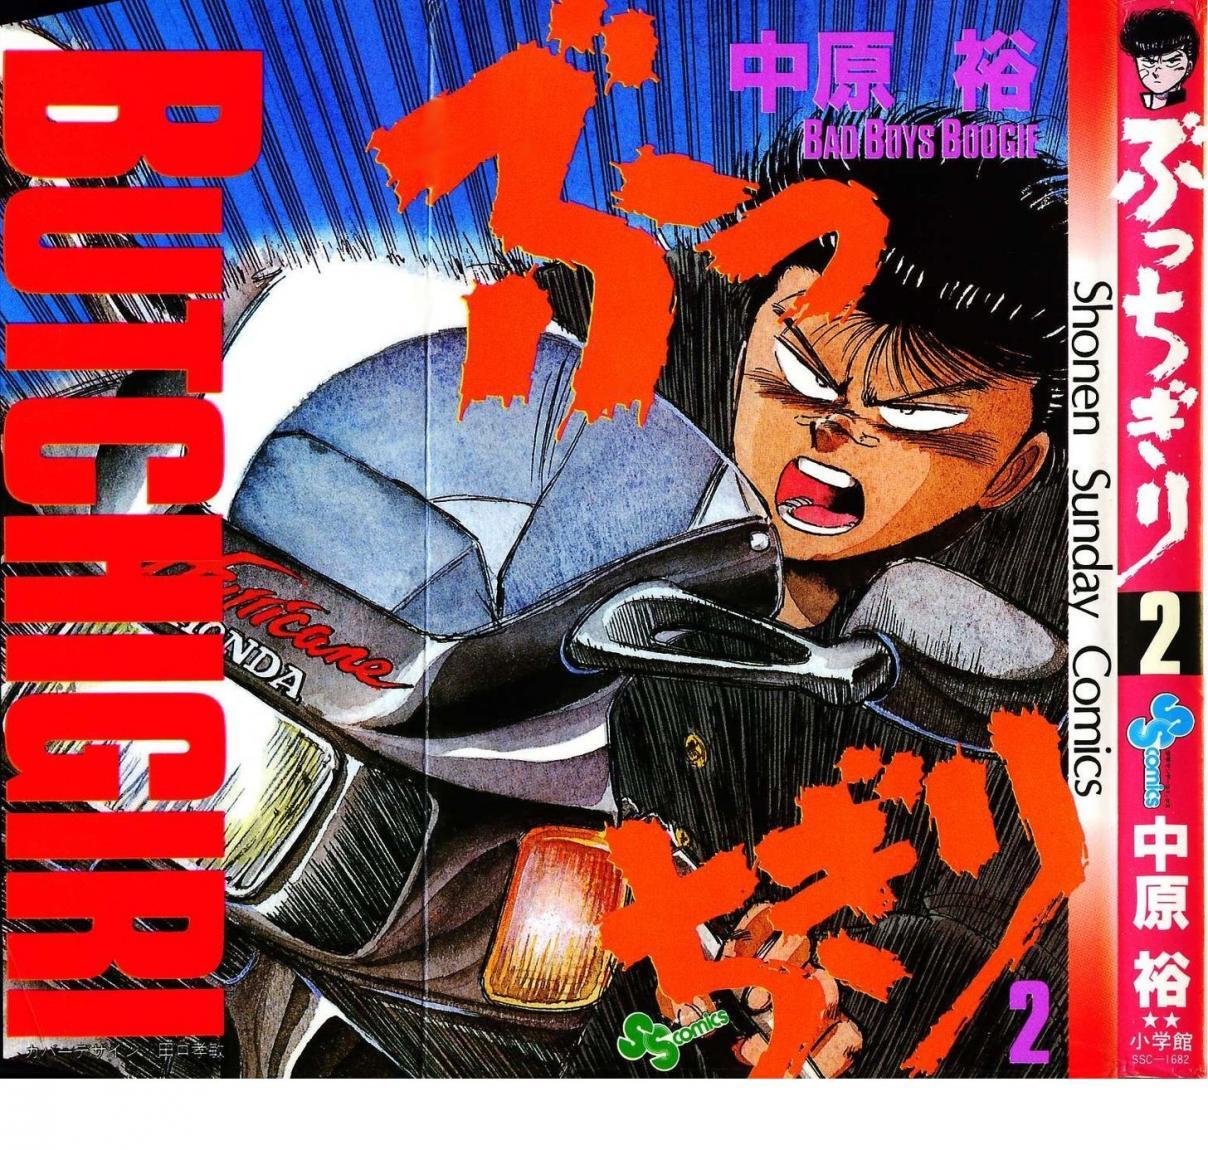 https://nine.mangadogs.com/fr_manga/pic2/3/5955/205349/17e7db7285aca2e1ccc7bdf1b106c8d9.jpg Page 1